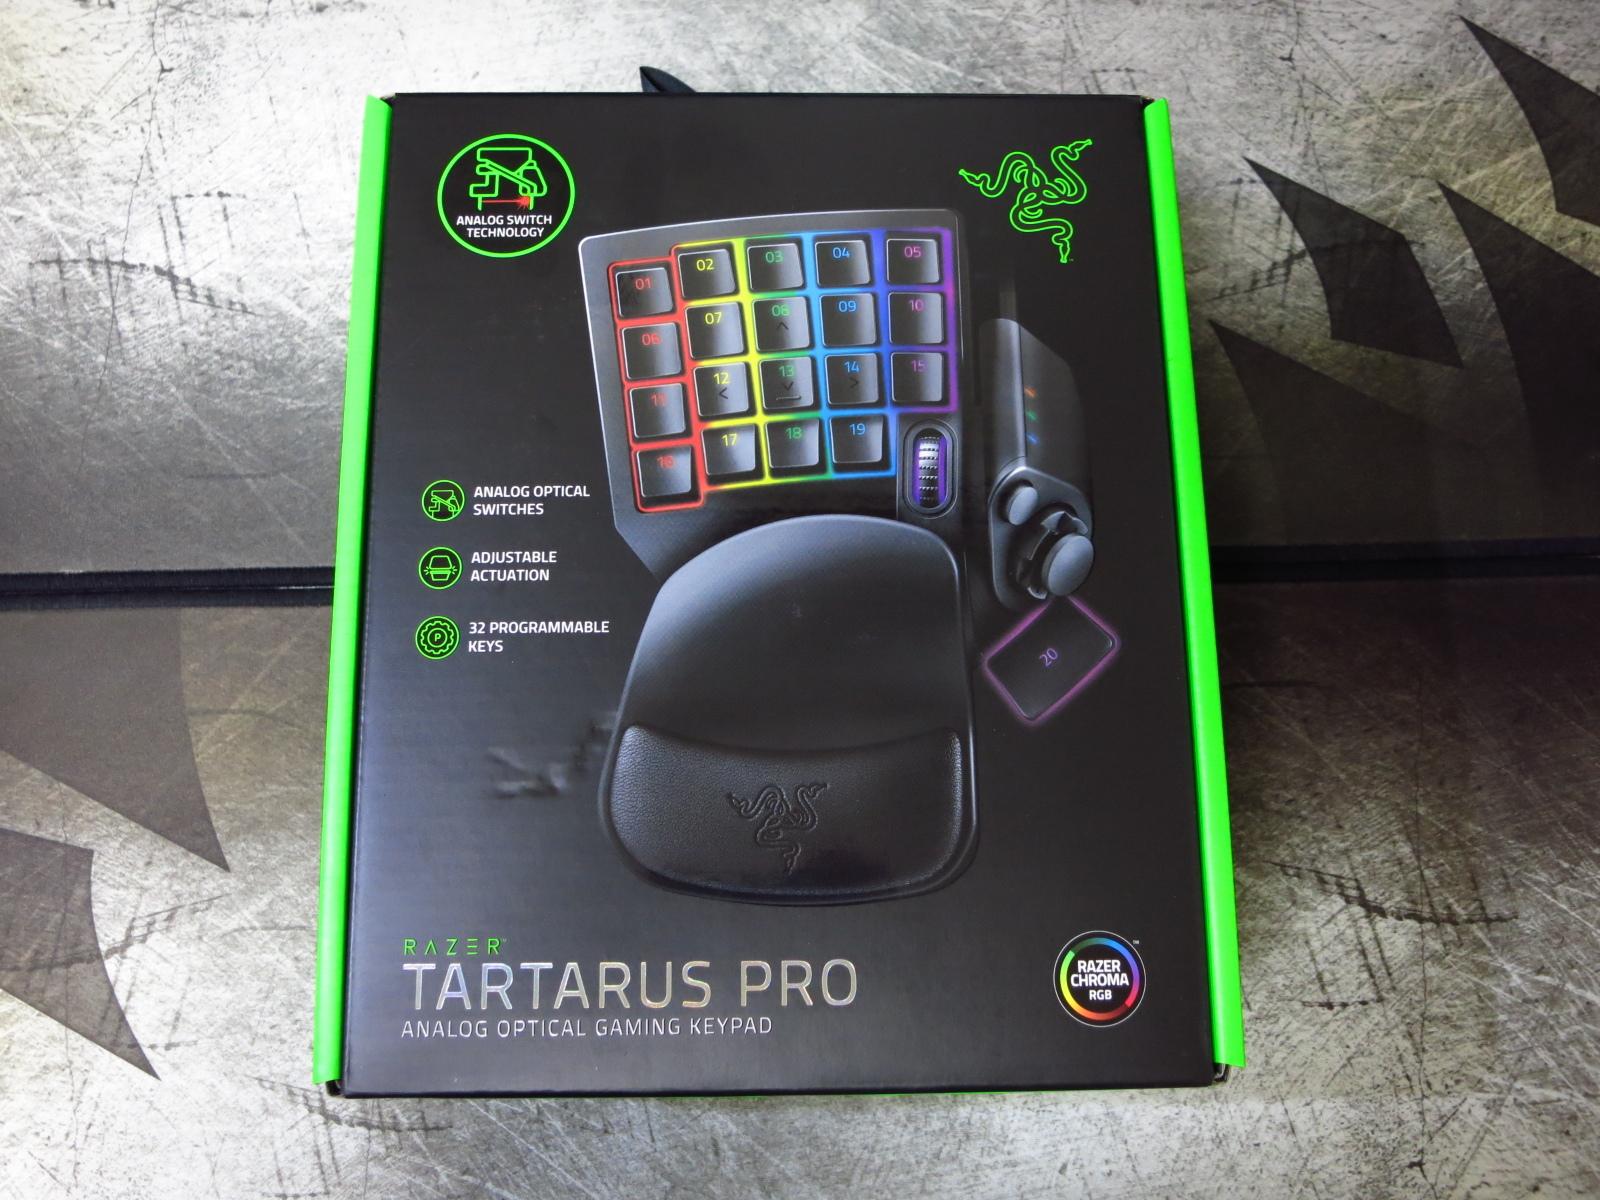 Razer_Tartarus_Pro_02.jpg